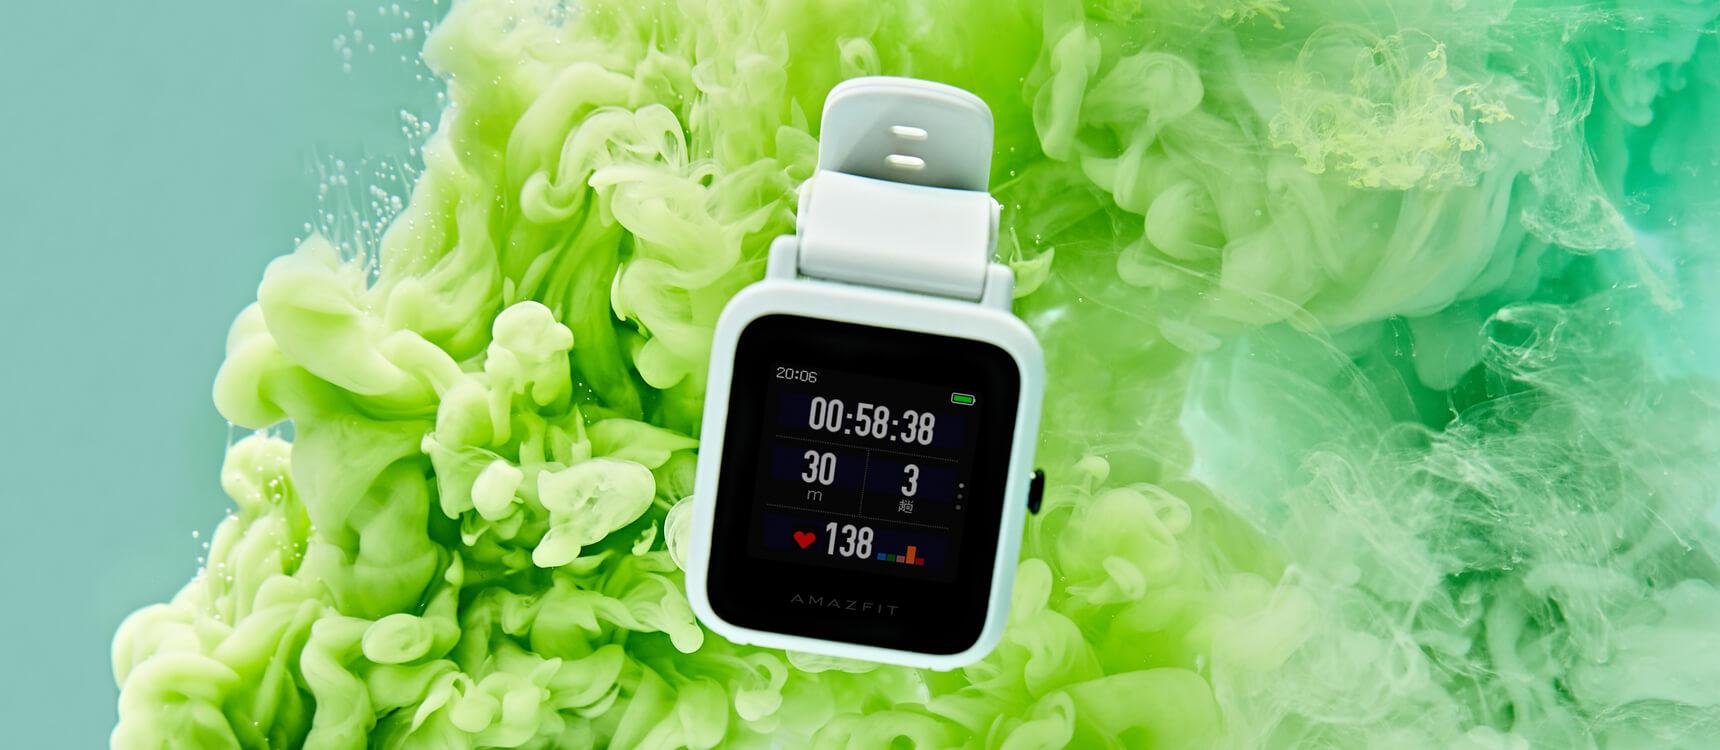 Nuevo Amazfit Bip Lite 1S, características, especificaciones, precio, fecha de lanzamiento. Noticias Xiaomi Adictos